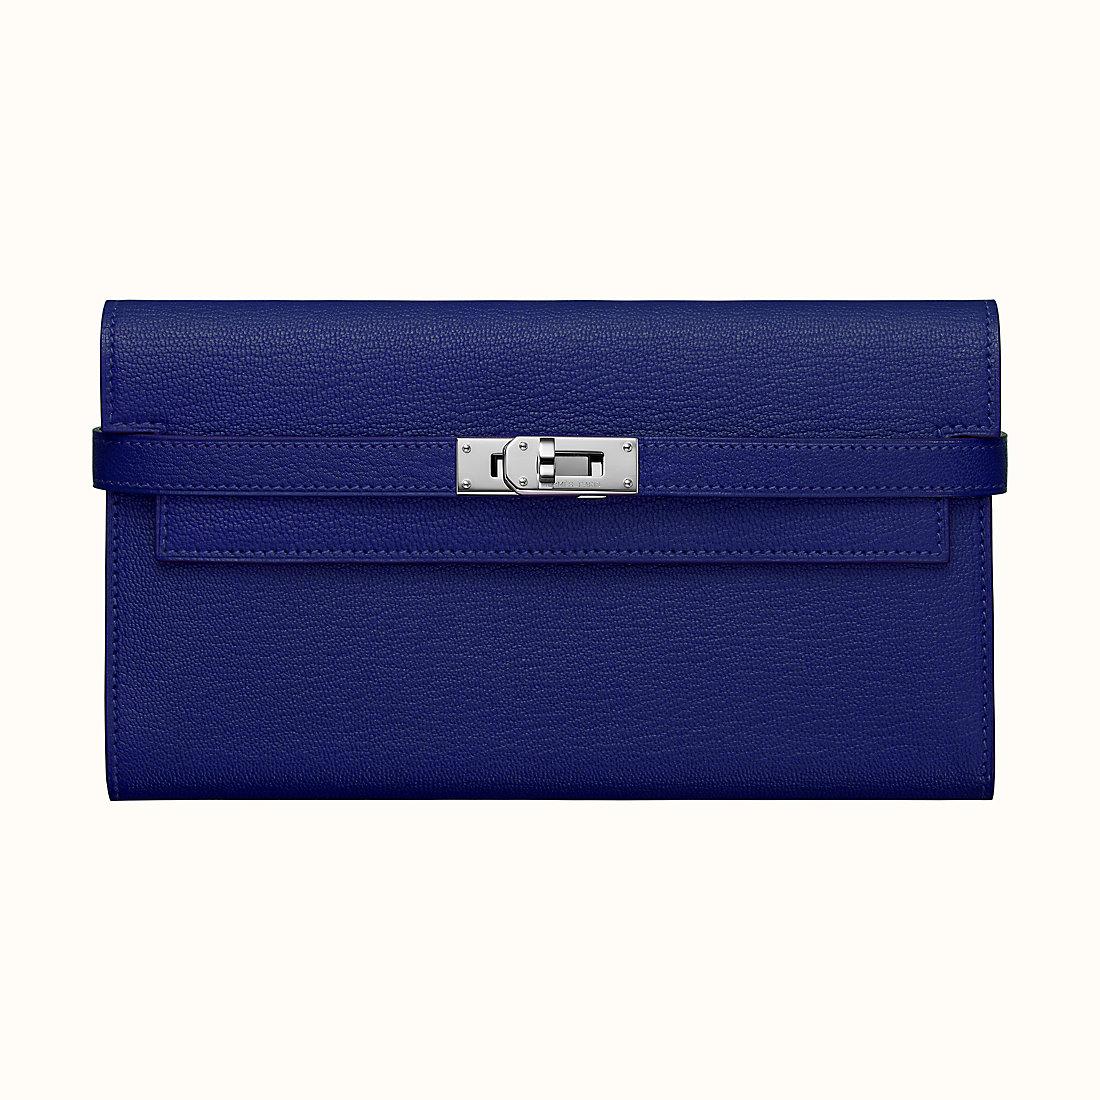 臺灣金門縣 Hermes Kelly classic wallet CKM3 Bleu Encre 墨水藍 山羊皮